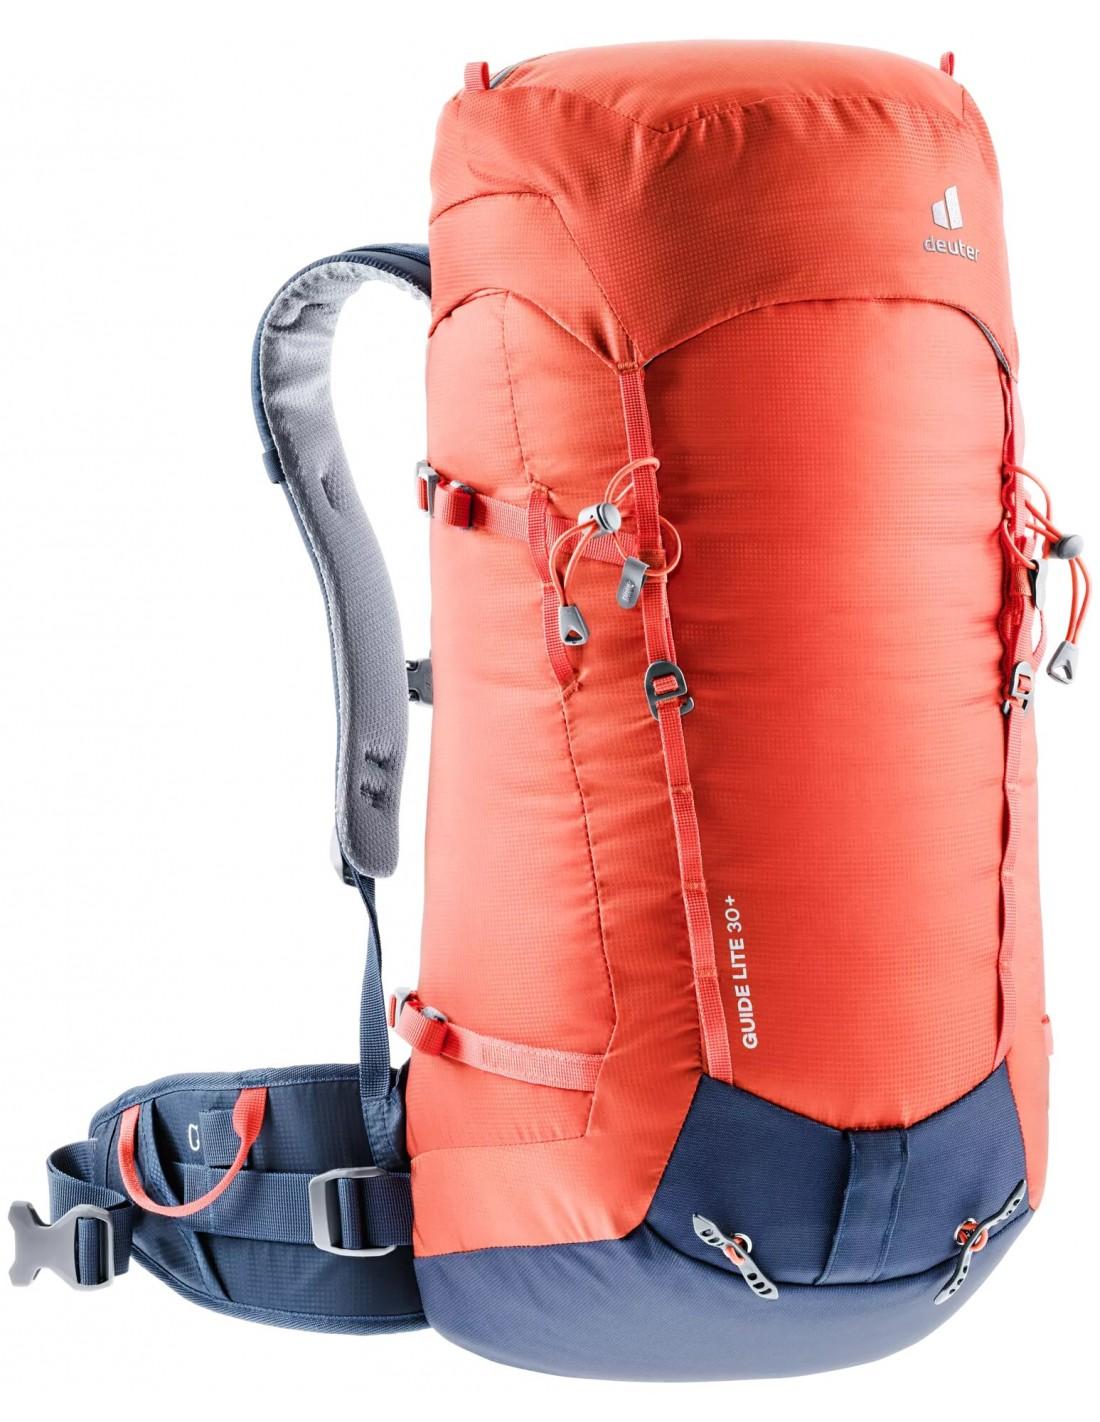 Deuter Rucksack Guide Lite 30+, papaya-navy Rucksackart - Wandern & Trekkin günstig online kaufen